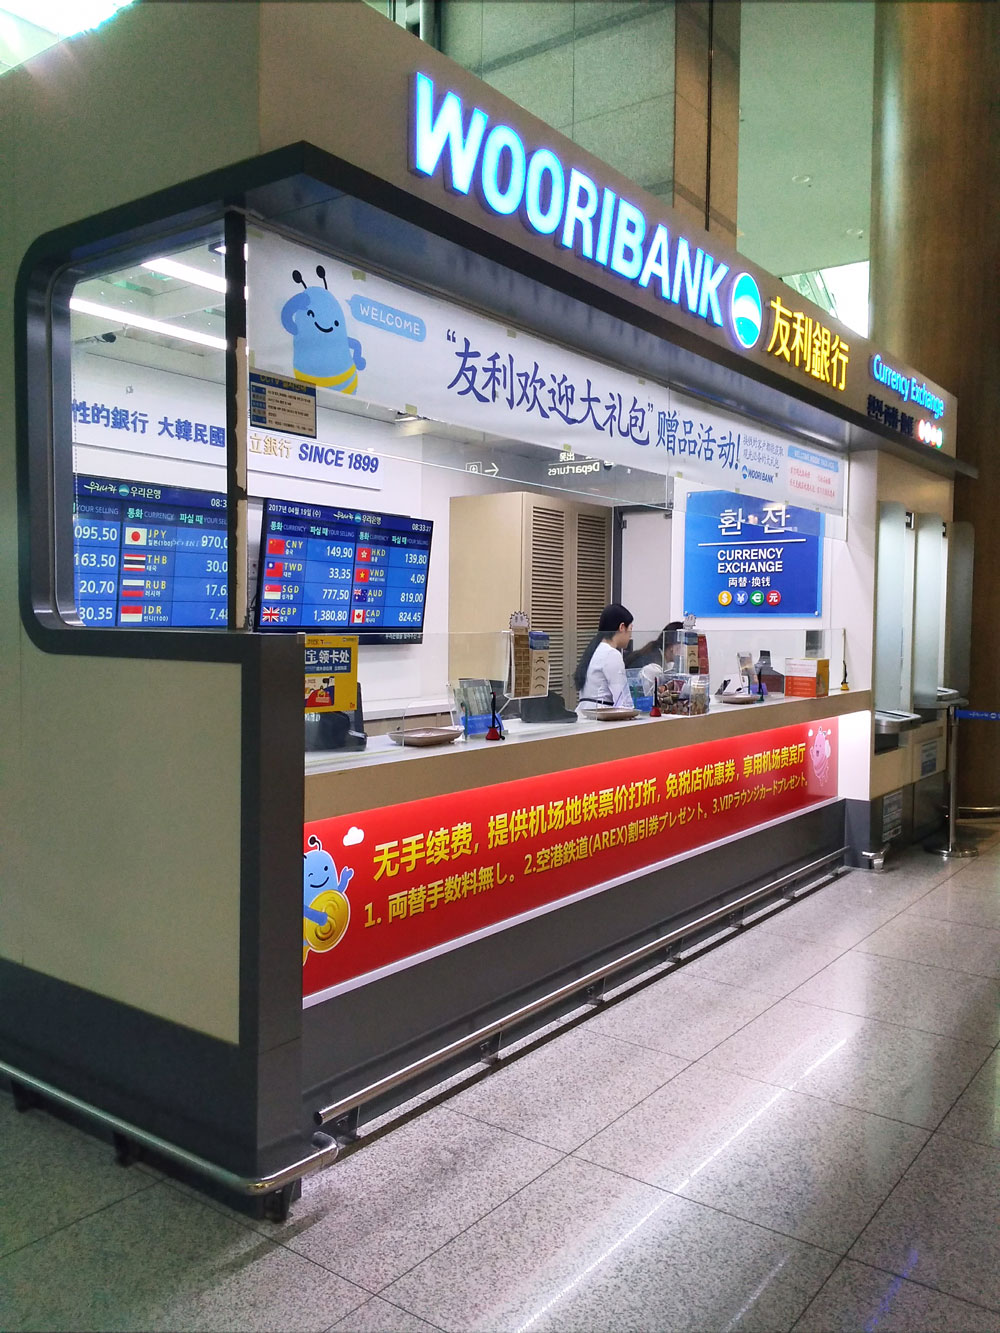 仁川空港内にある銀行